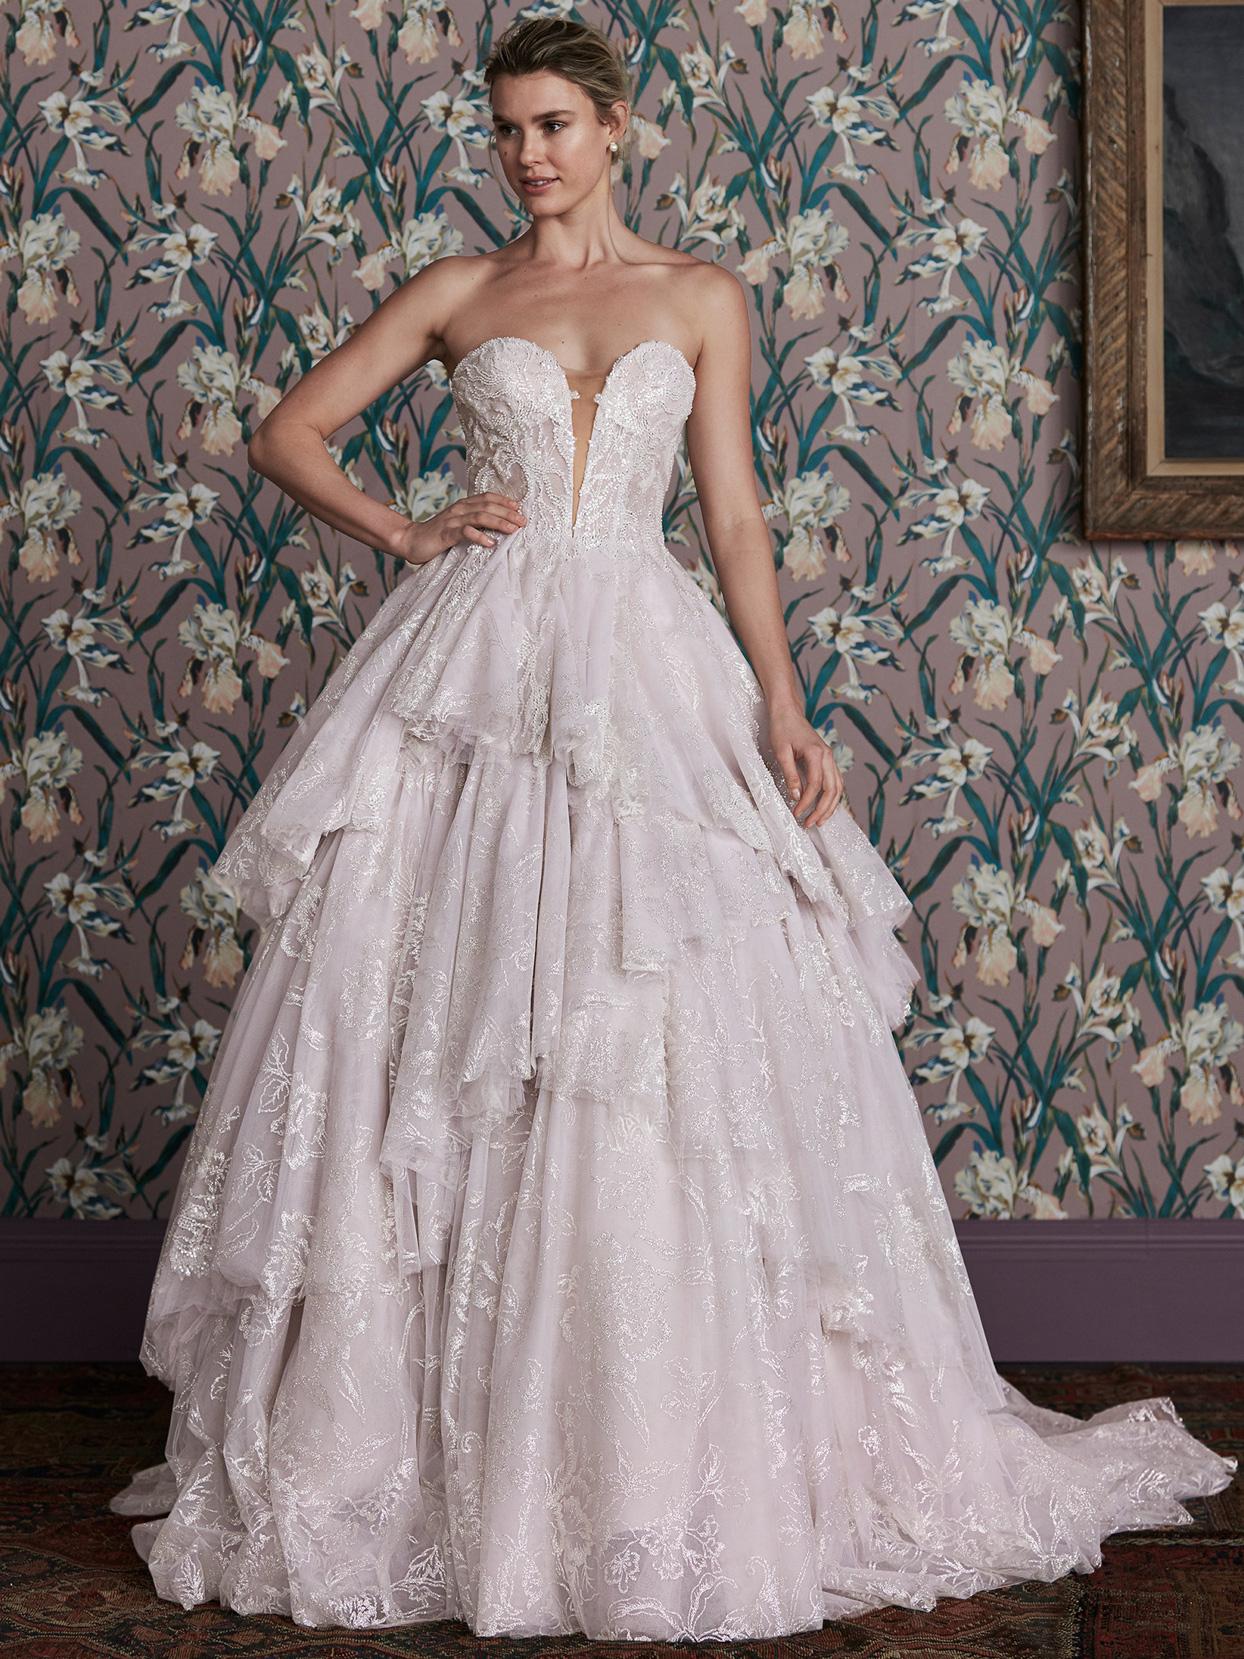 justin alexander plunging v-neck layered a-line wedding dress spring 2021